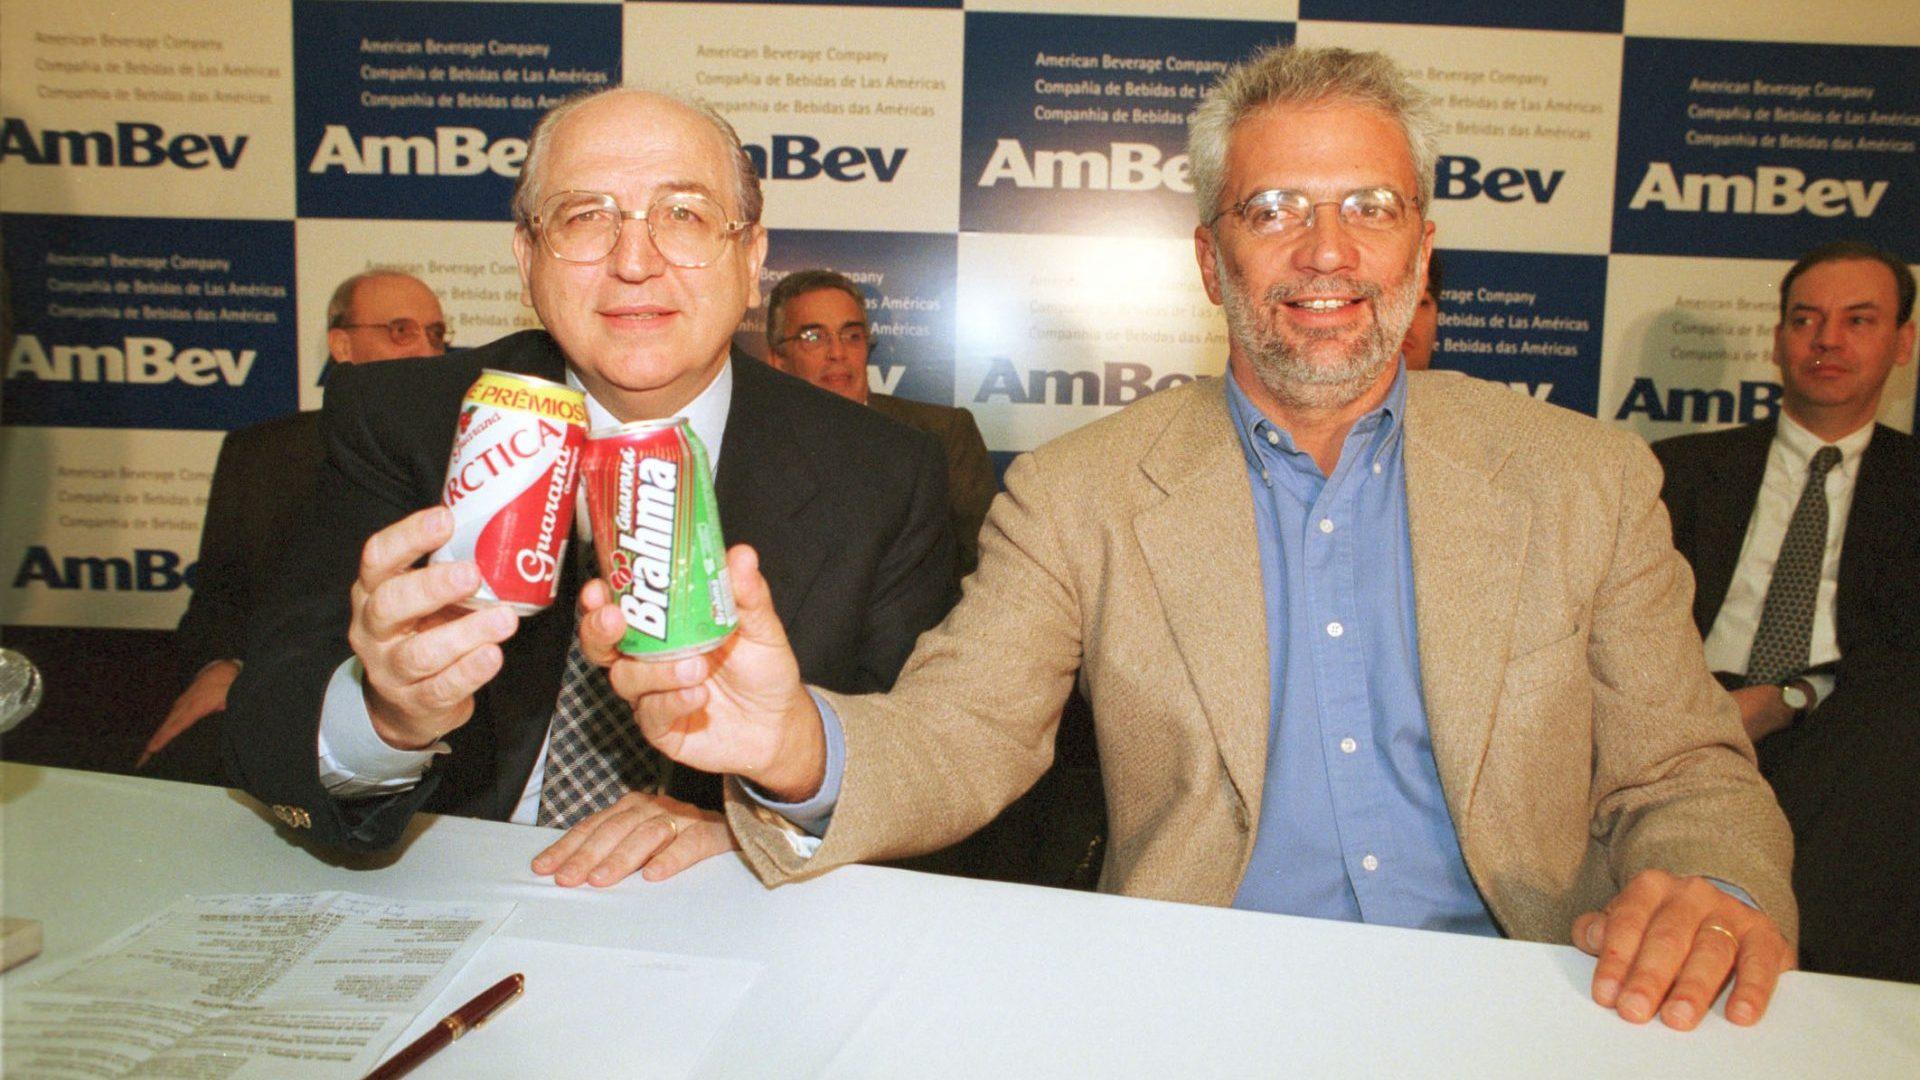 Retrato de Victorio Carlos de Marchi (esquerda), diretor geral da Antarctica, ao lado de Marcel H. Telles, presidente do conselho de administração da Brahma durante o anúncio da união das empresas criando-se assim a Ambev em 02/07/1999.